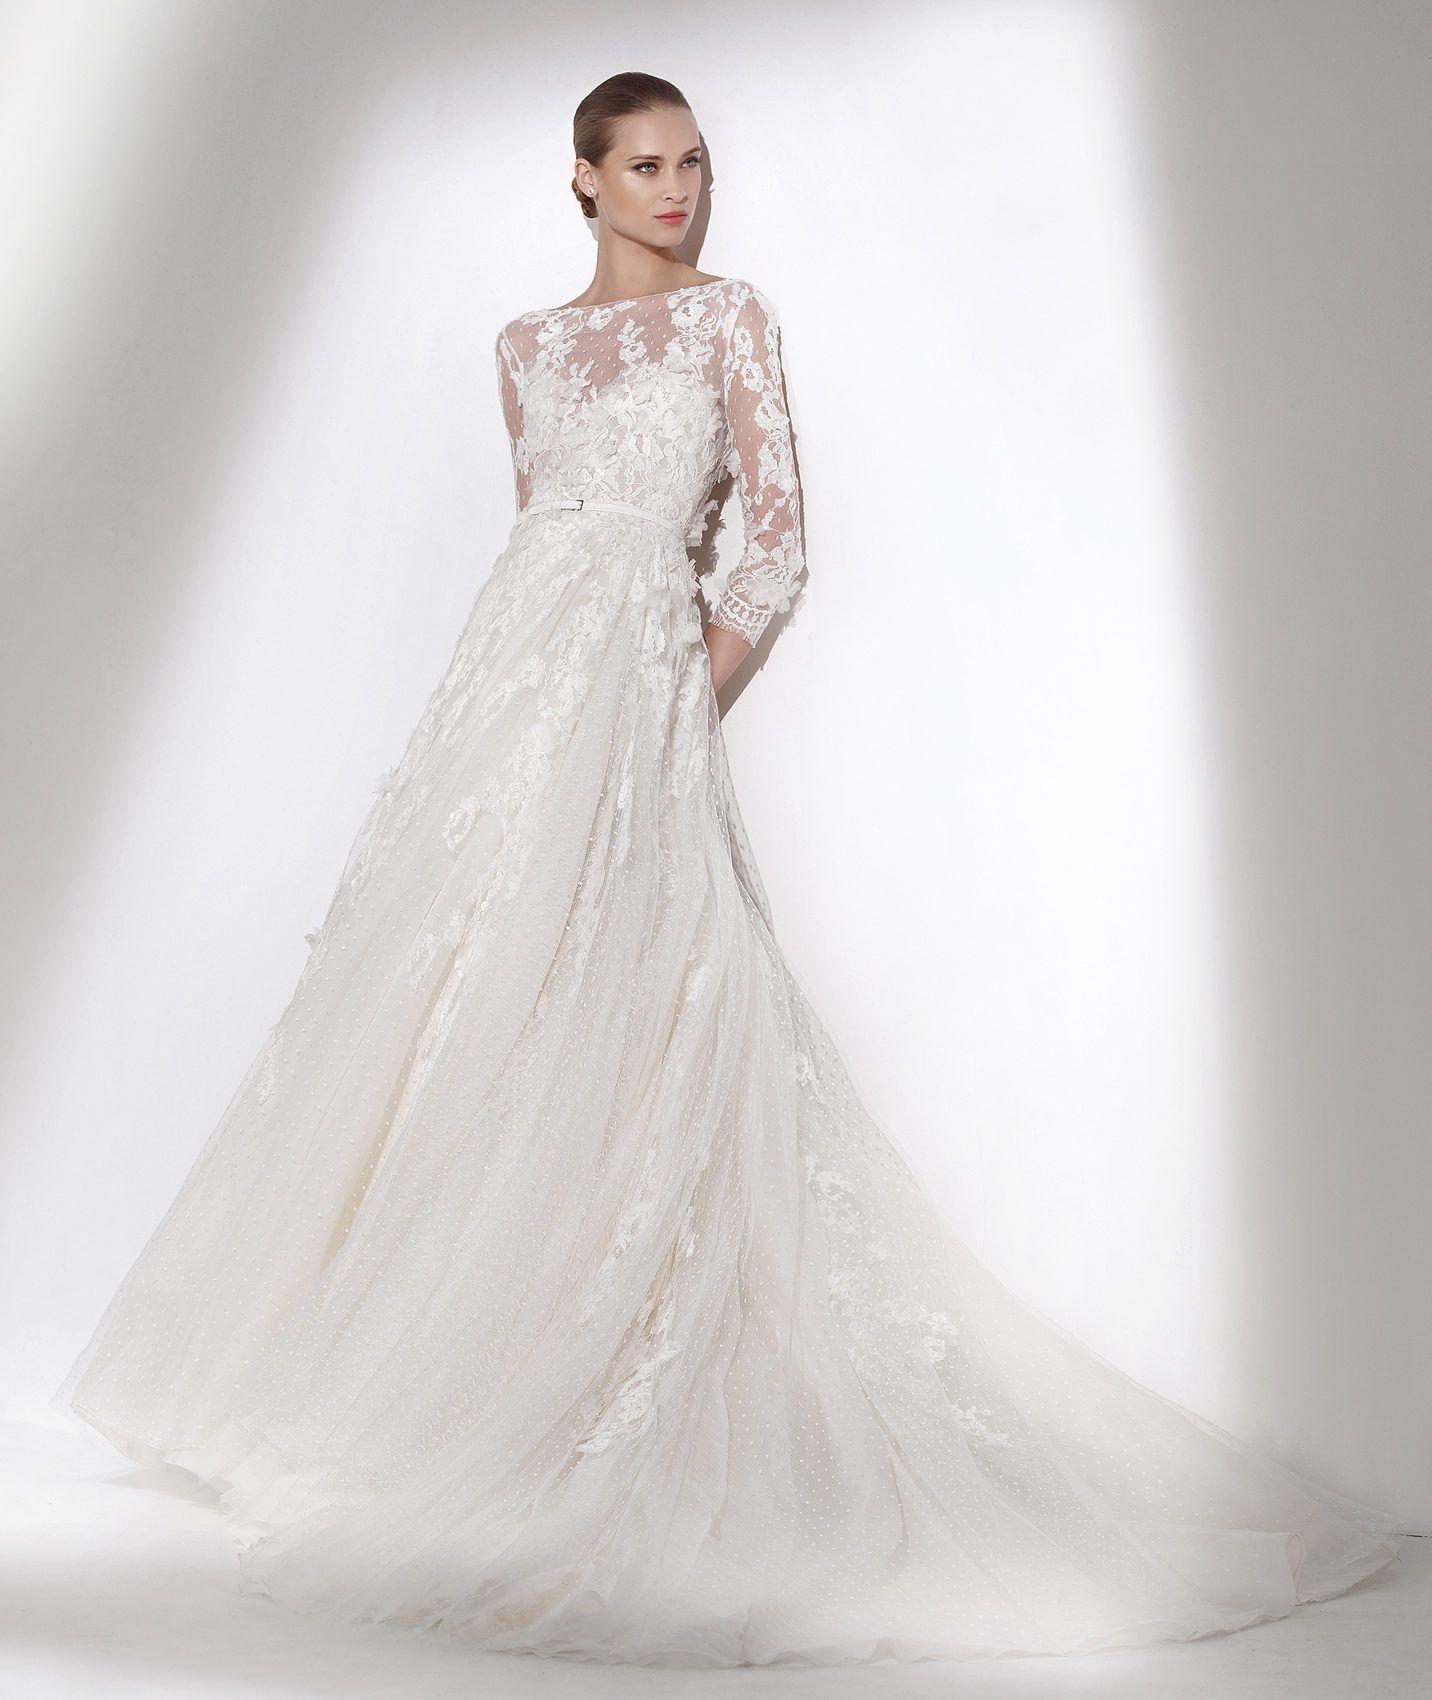 Maui wedding dress three quarter sleeves pronovias